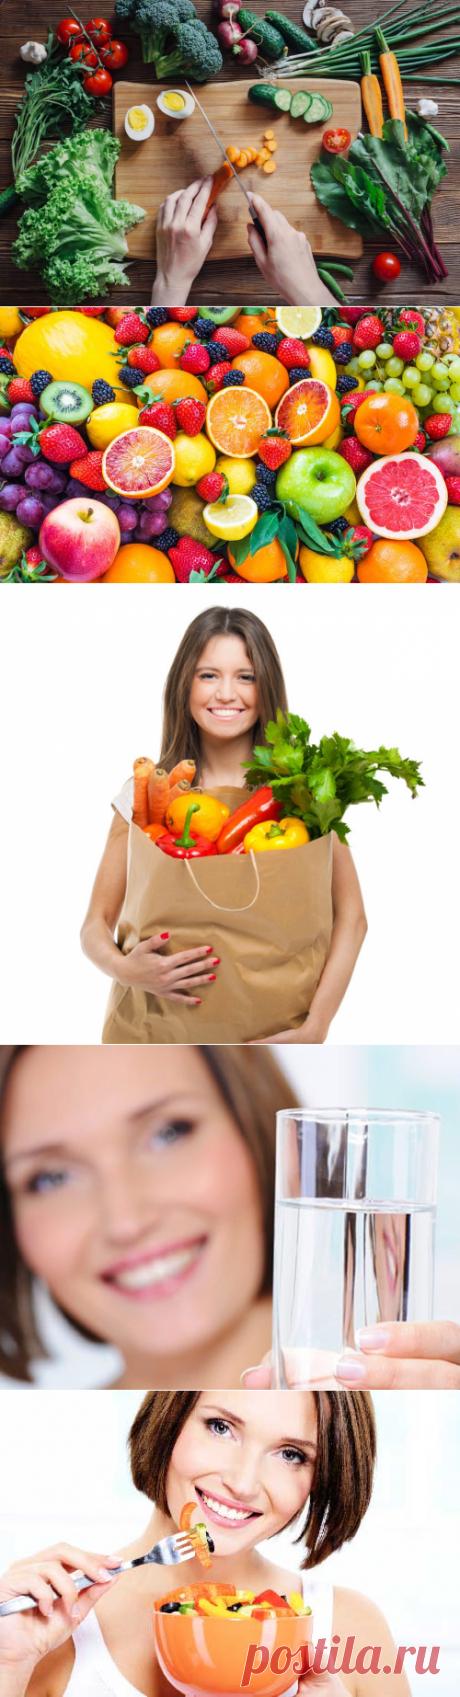 Положительное влияние питания на кожный покров - факты это доказывают